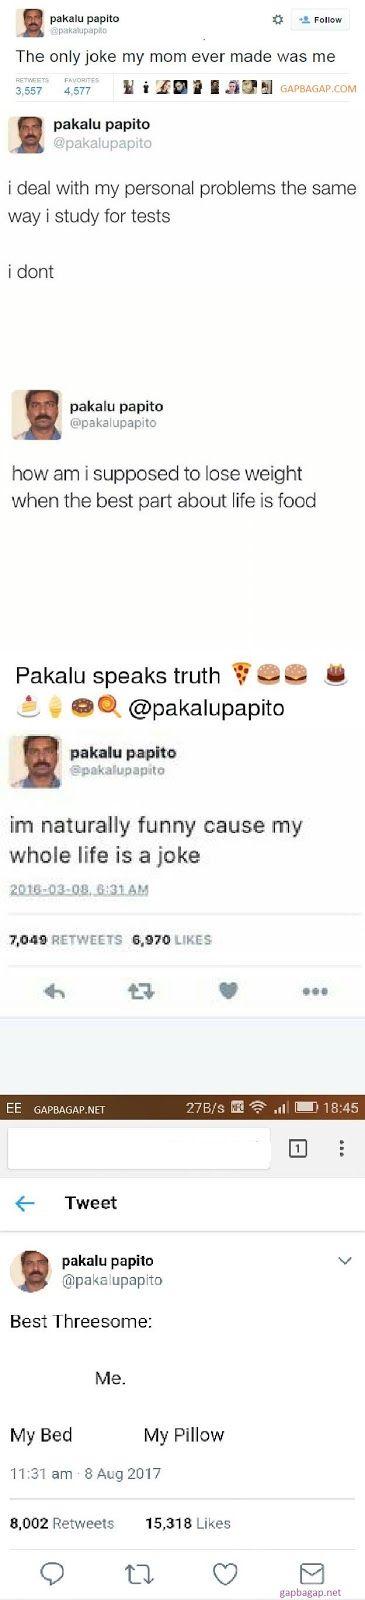 10+ Hilarious Tweets By Pakalu Papito